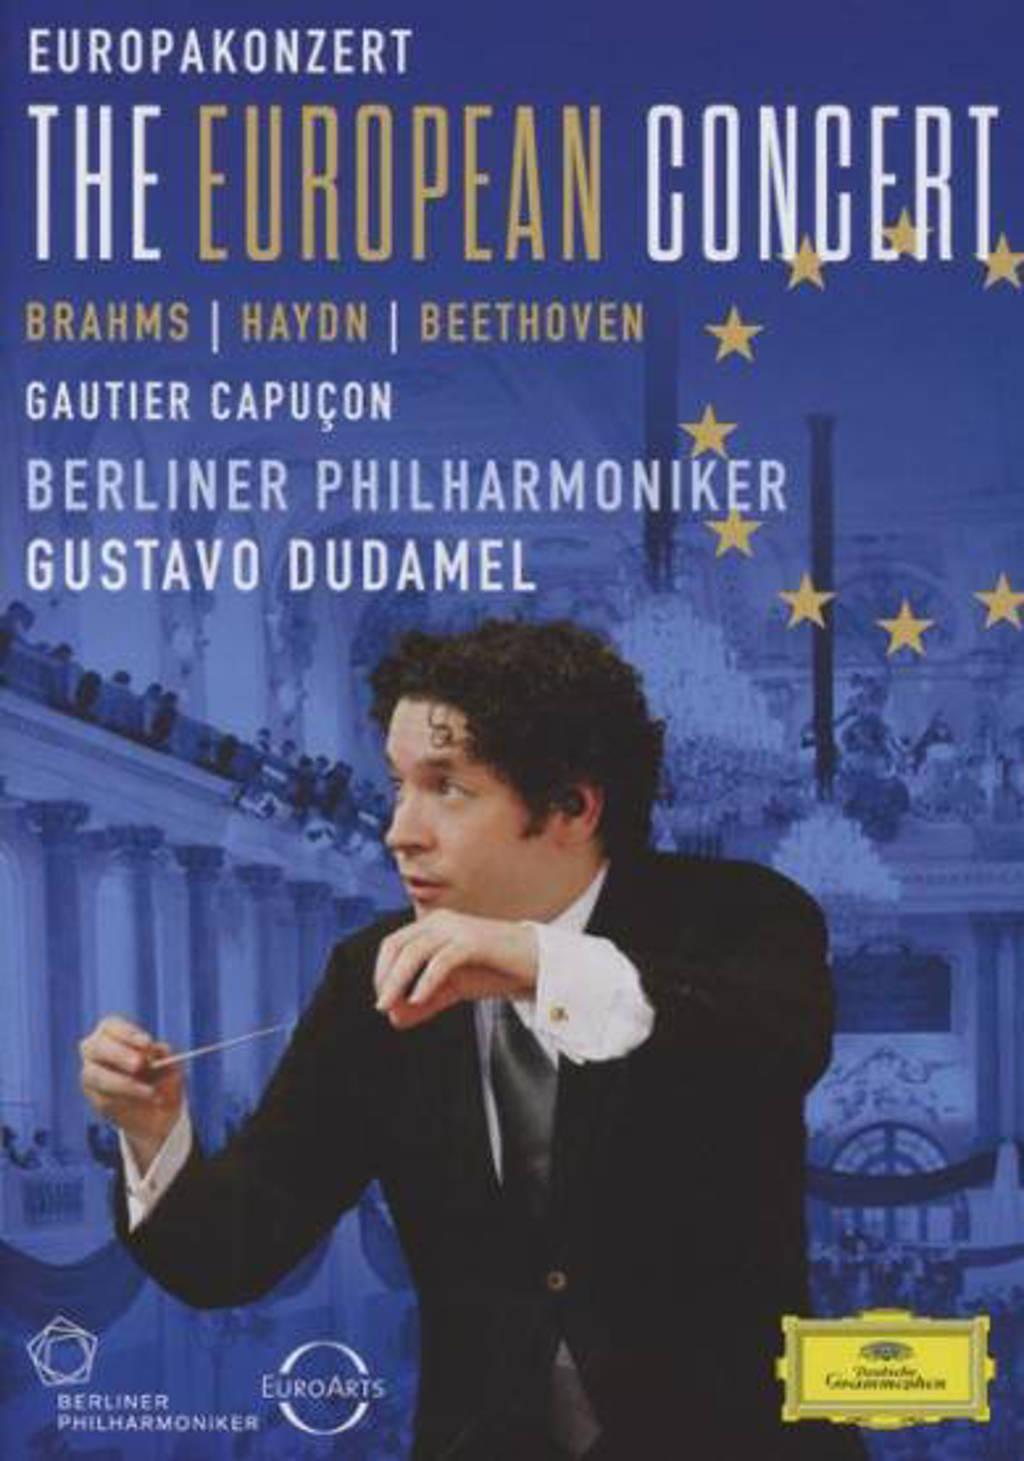 Berliner Philharmoniker - Europakonzert 2012 (DVD)